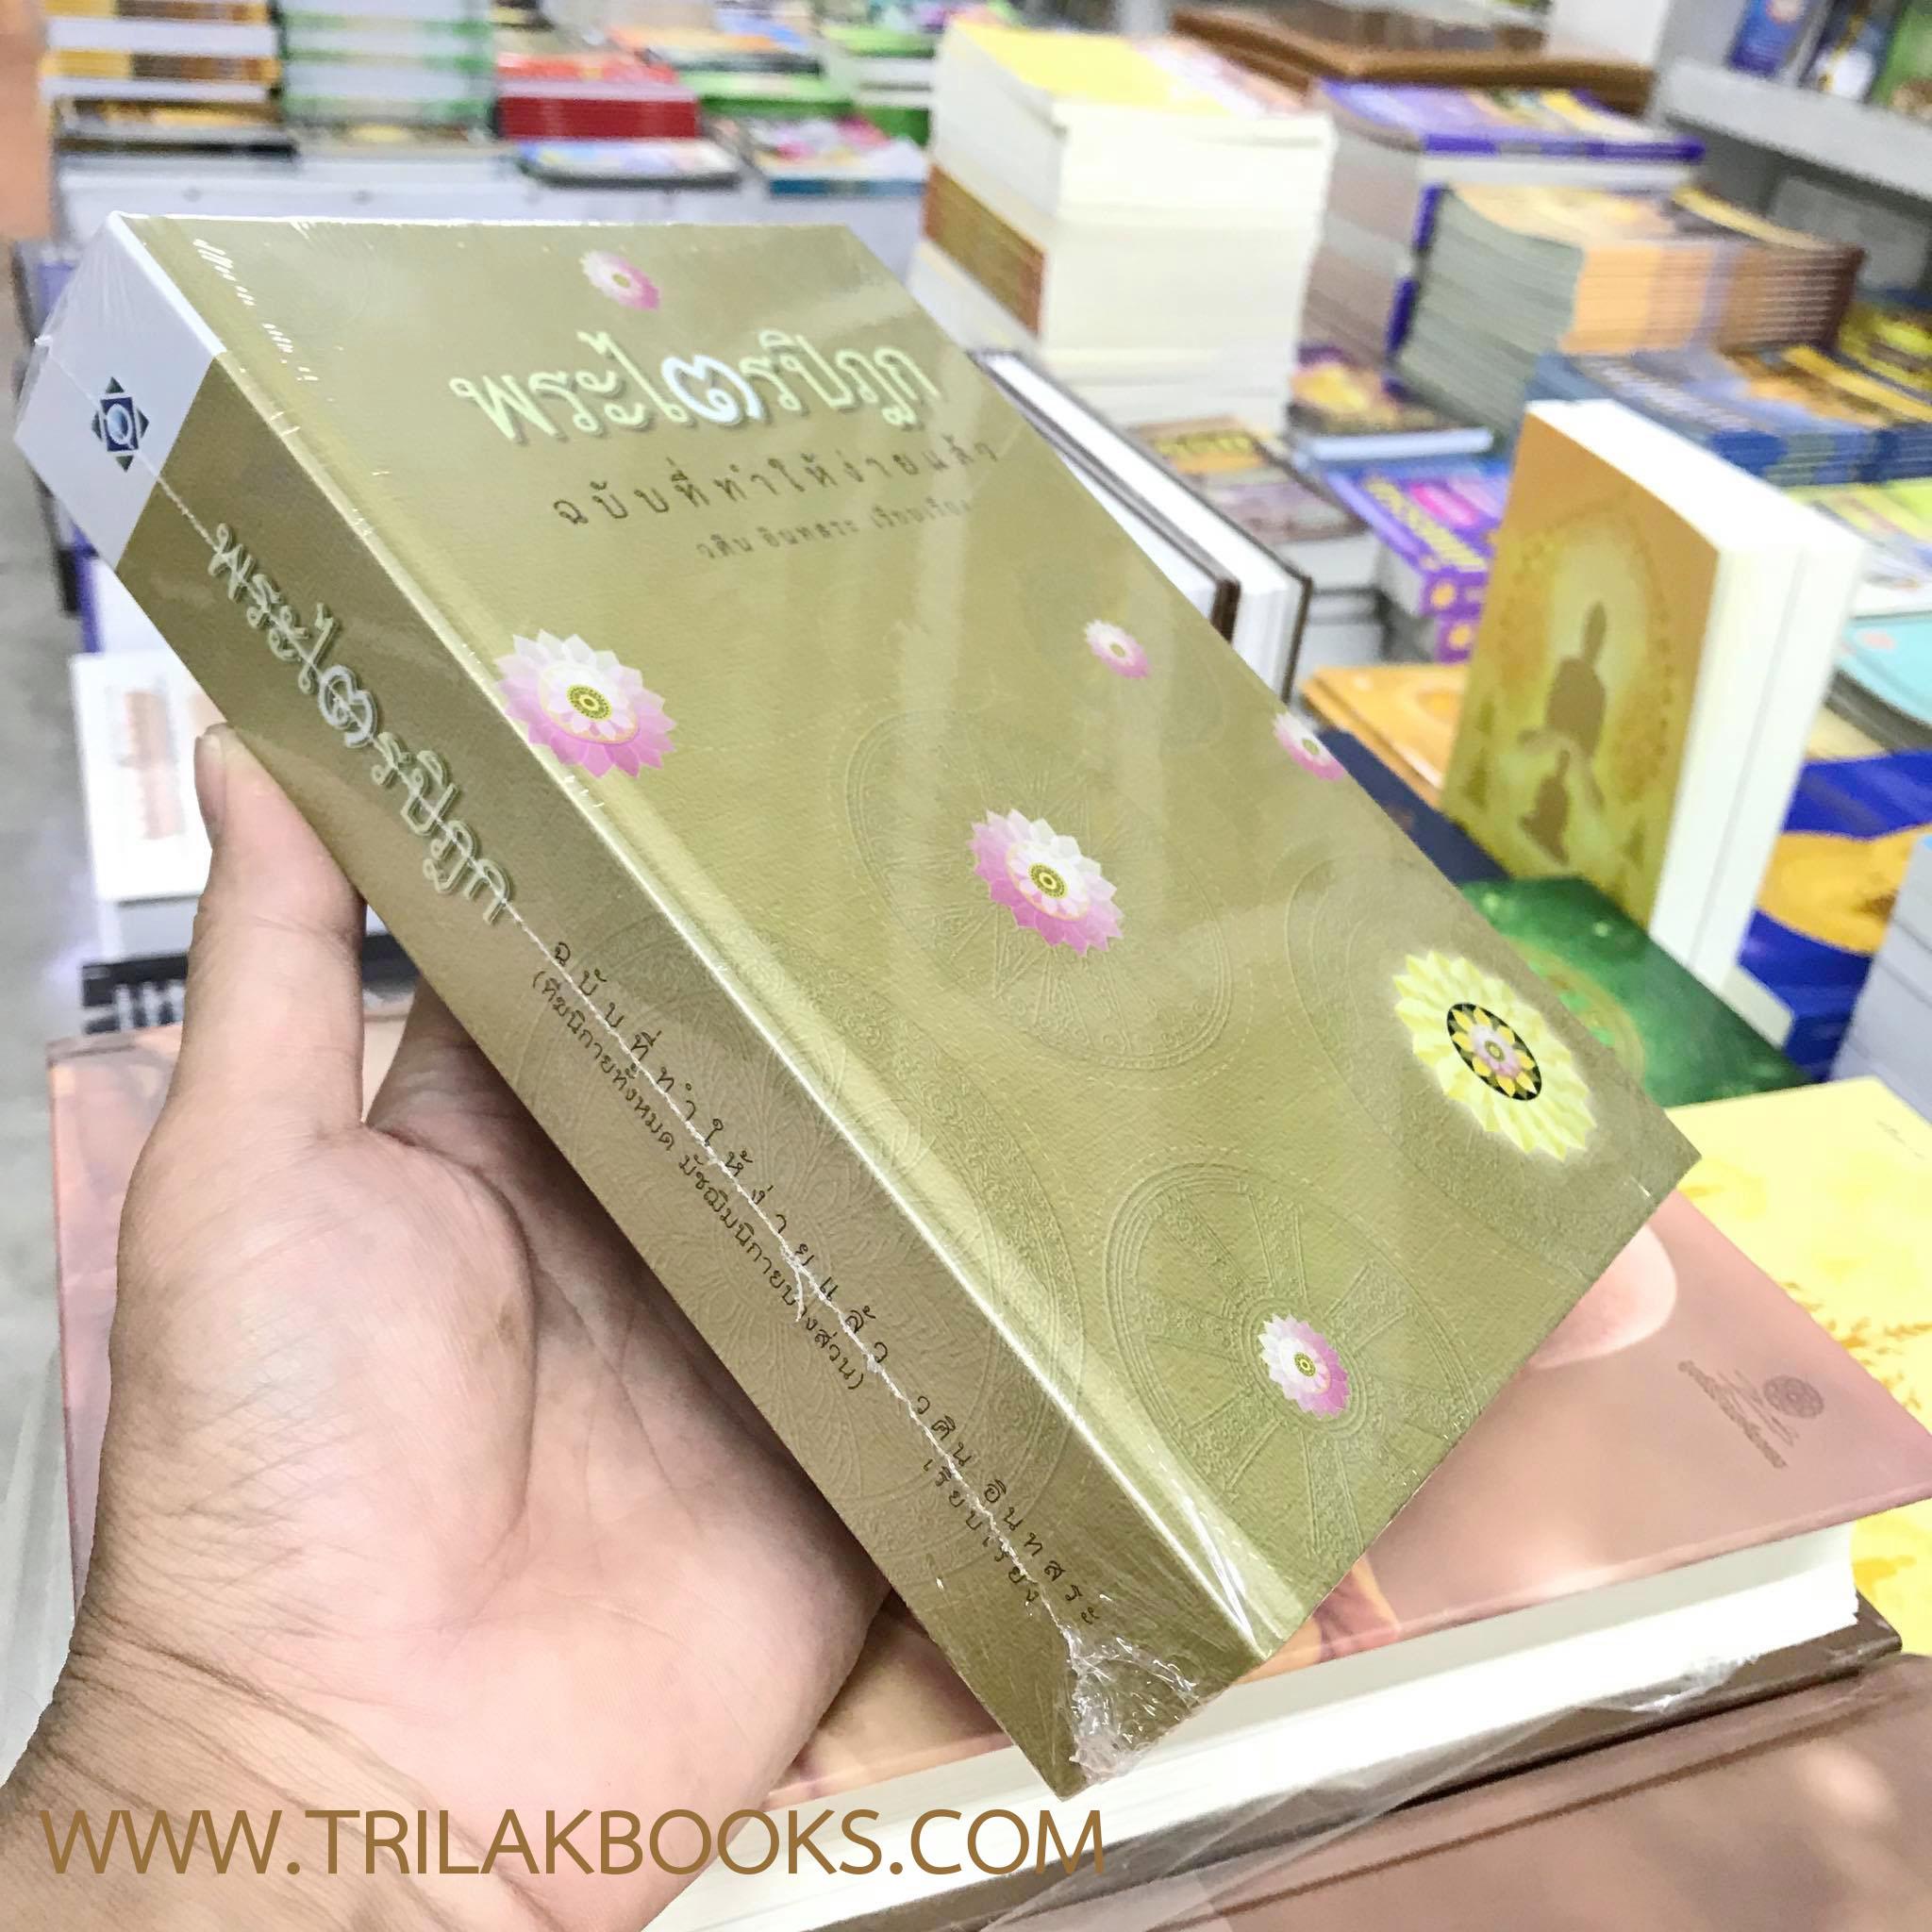 หนังสือพระไตรปิฎก ฉบับ ที่ทำให้ง่ายแล้ว